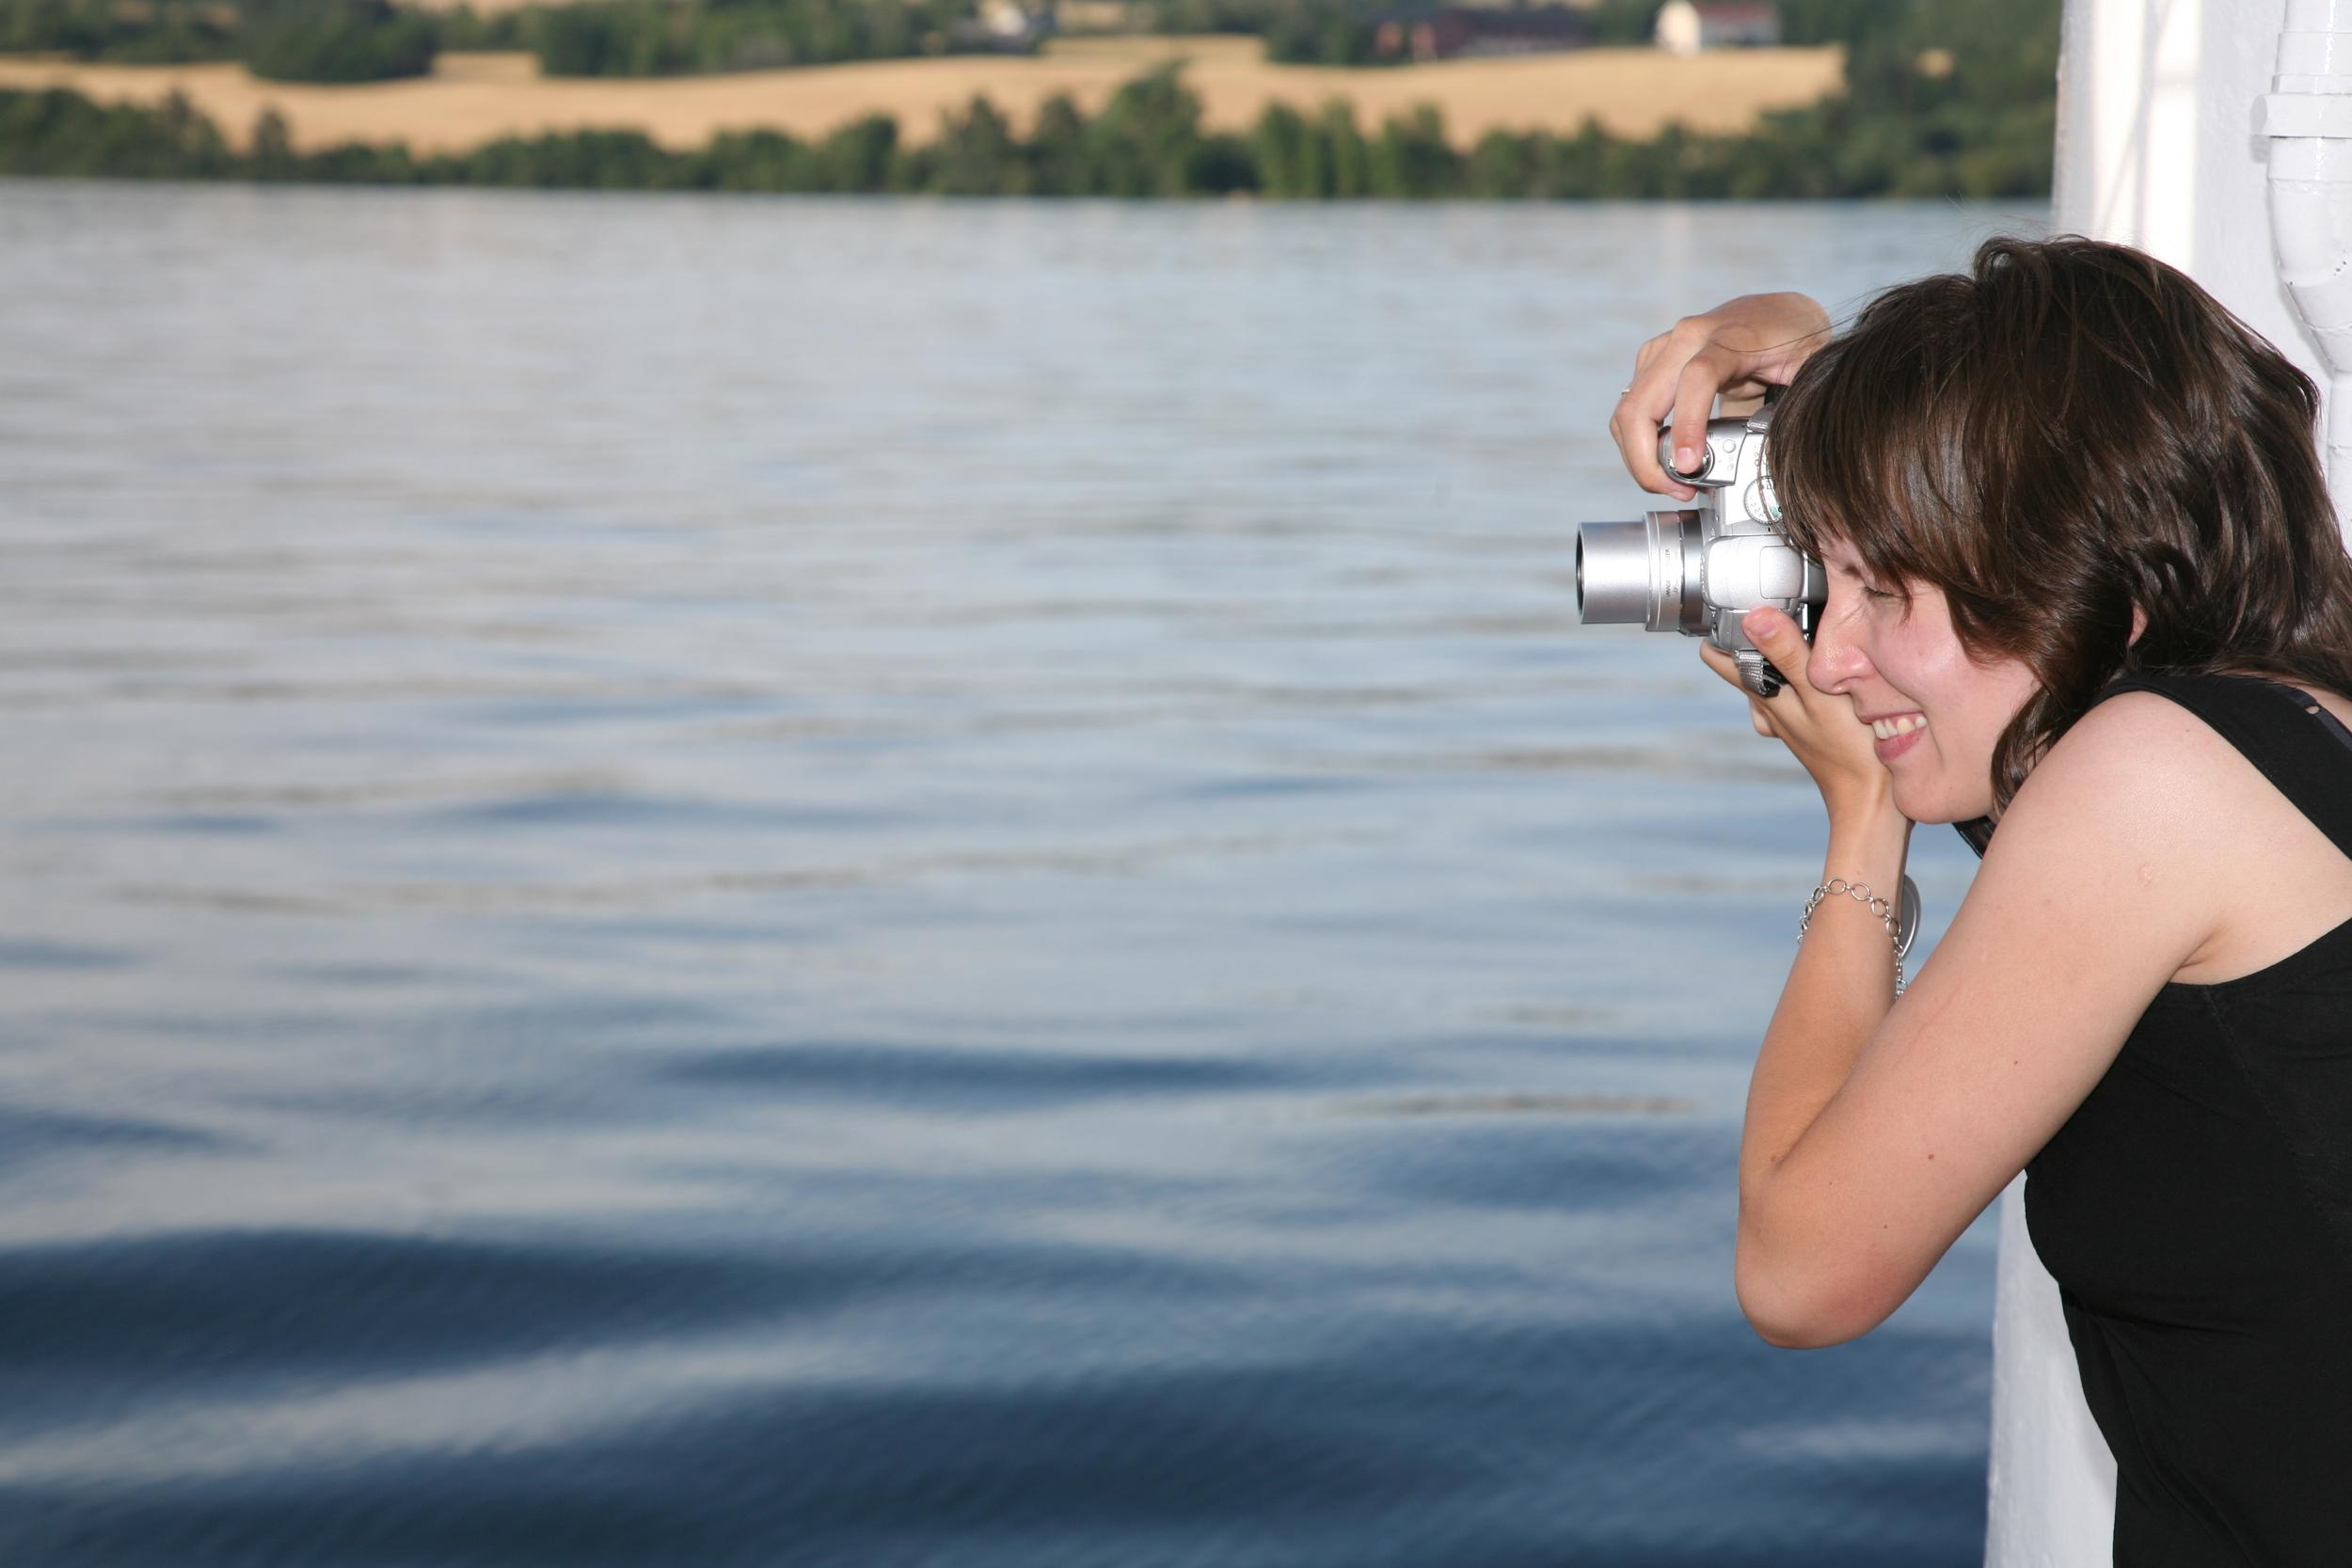 På jakt etter gode ferieopplevelser. Foto: Odd Roar Lange